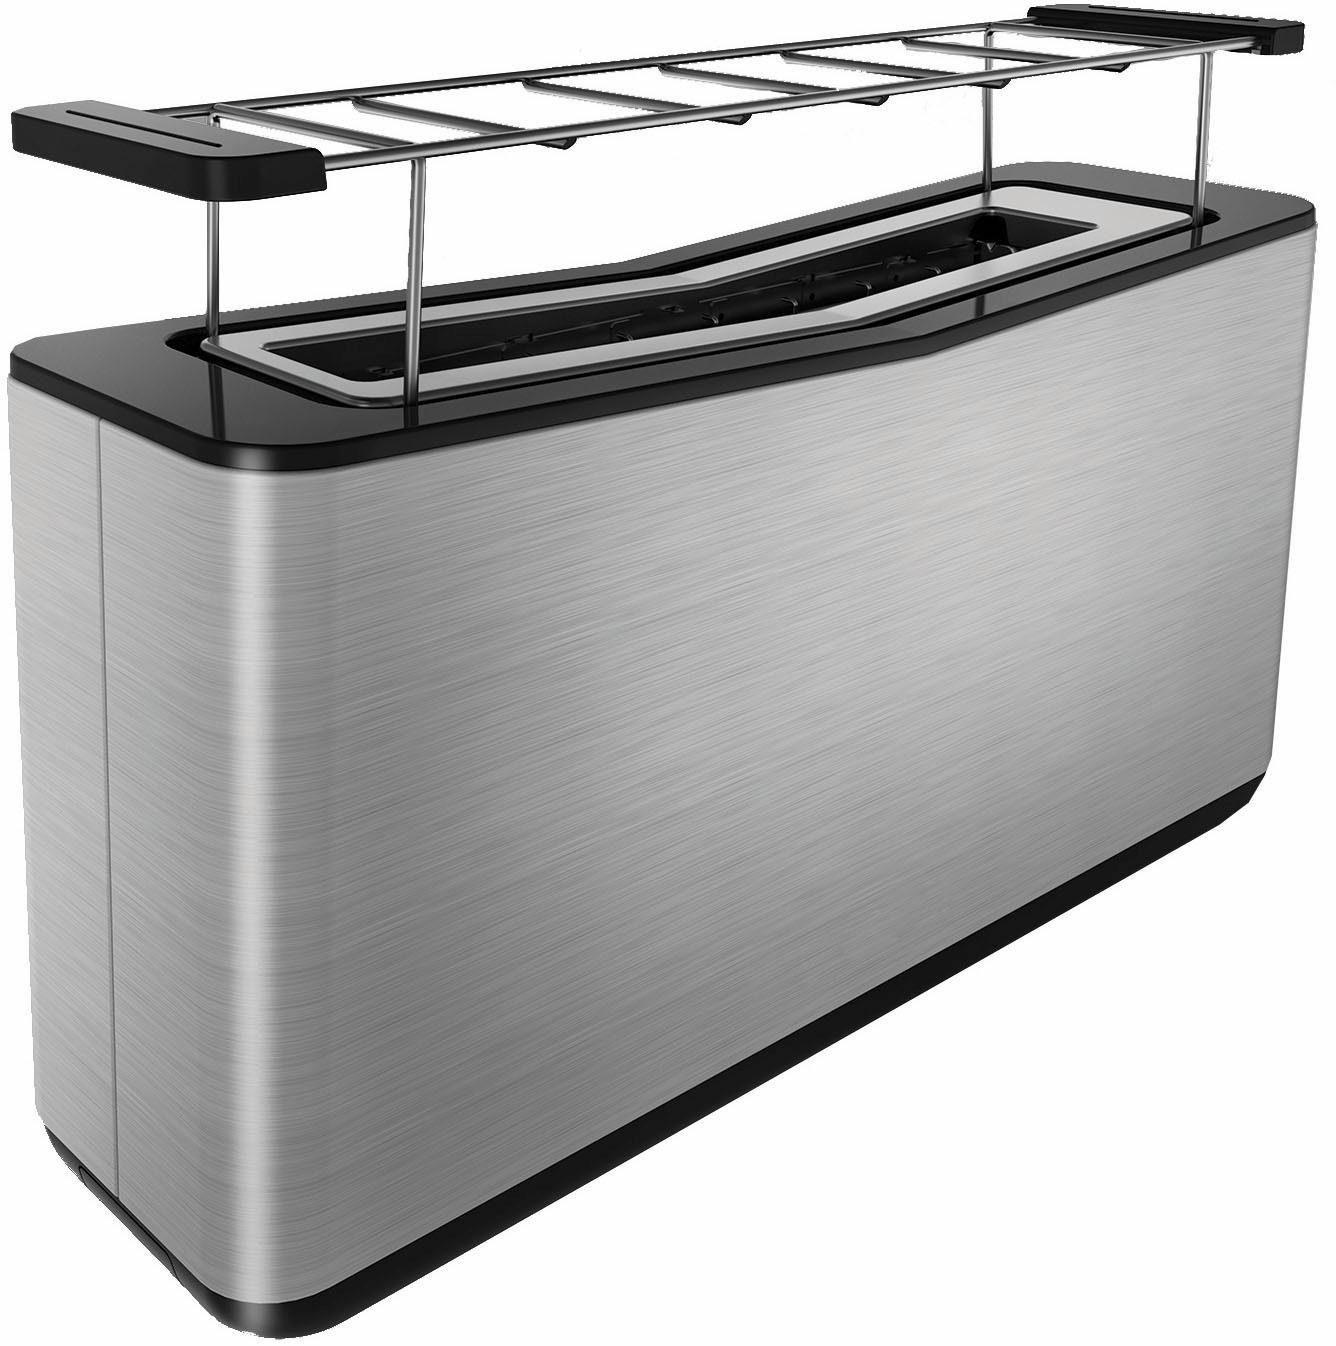 Grundig Toaster TA 8680, 1 langer Schlitz, 900 W